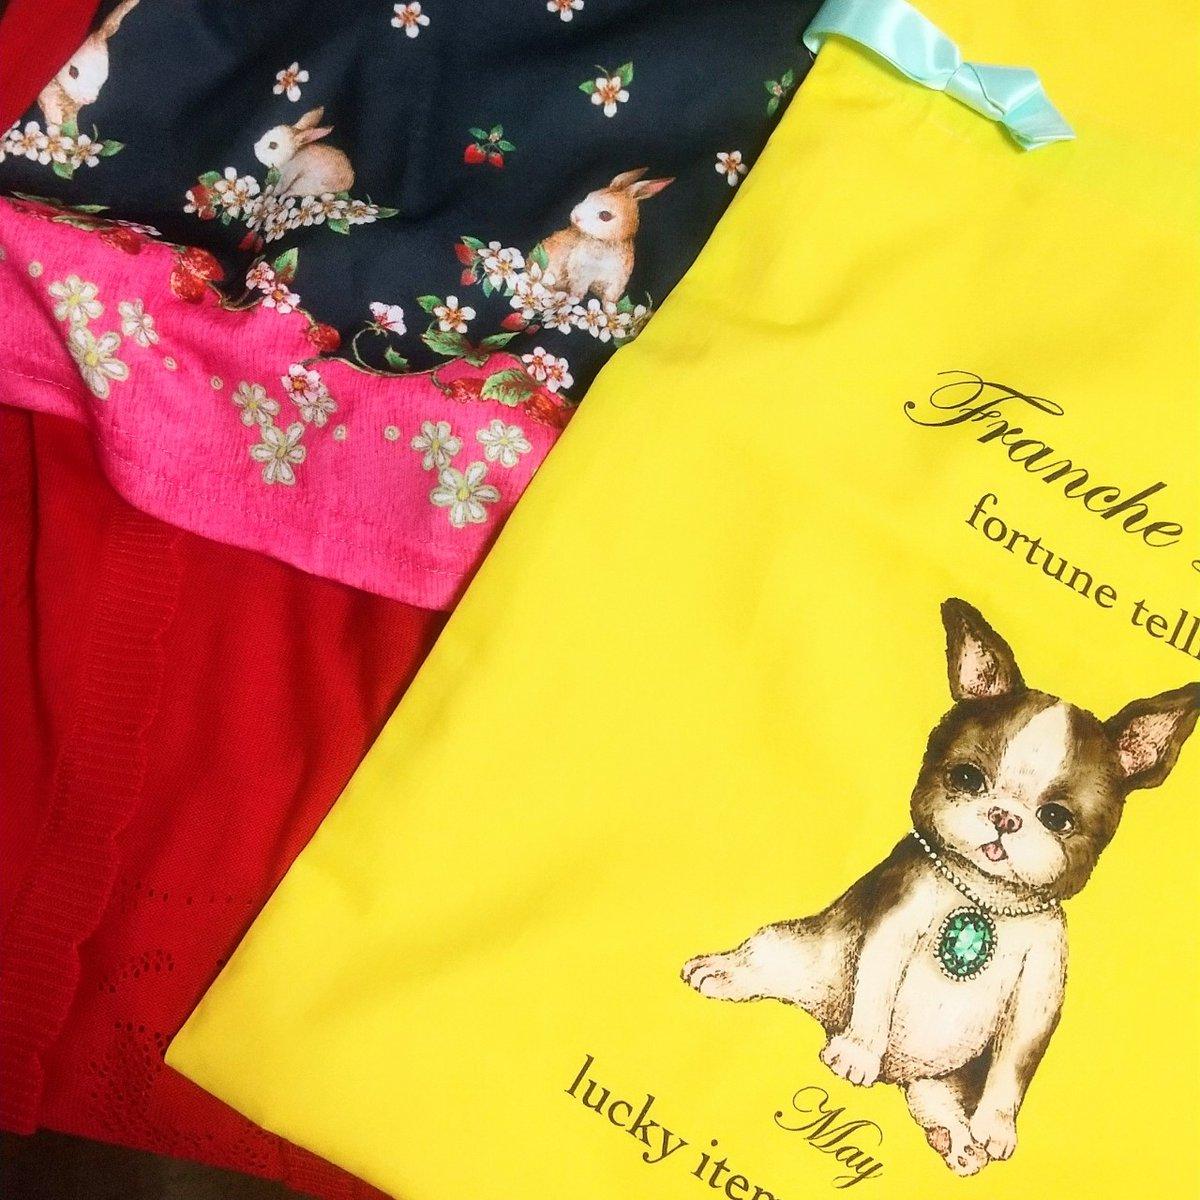 test ツイッターメディア - #フランシュリッペ 駆け込み第一弾。 ウサギのやつはTシャツで、下の赤いのはカーディガン(春~夏用かな?)、黄色いのは巾着。 それにしても10年くらい愛用したブランドが無くなるとは…… 今後は何処で服買えば良いの??? オンラインでも買っちゃったわよ。 https://t.co/AtaTkSQZRf